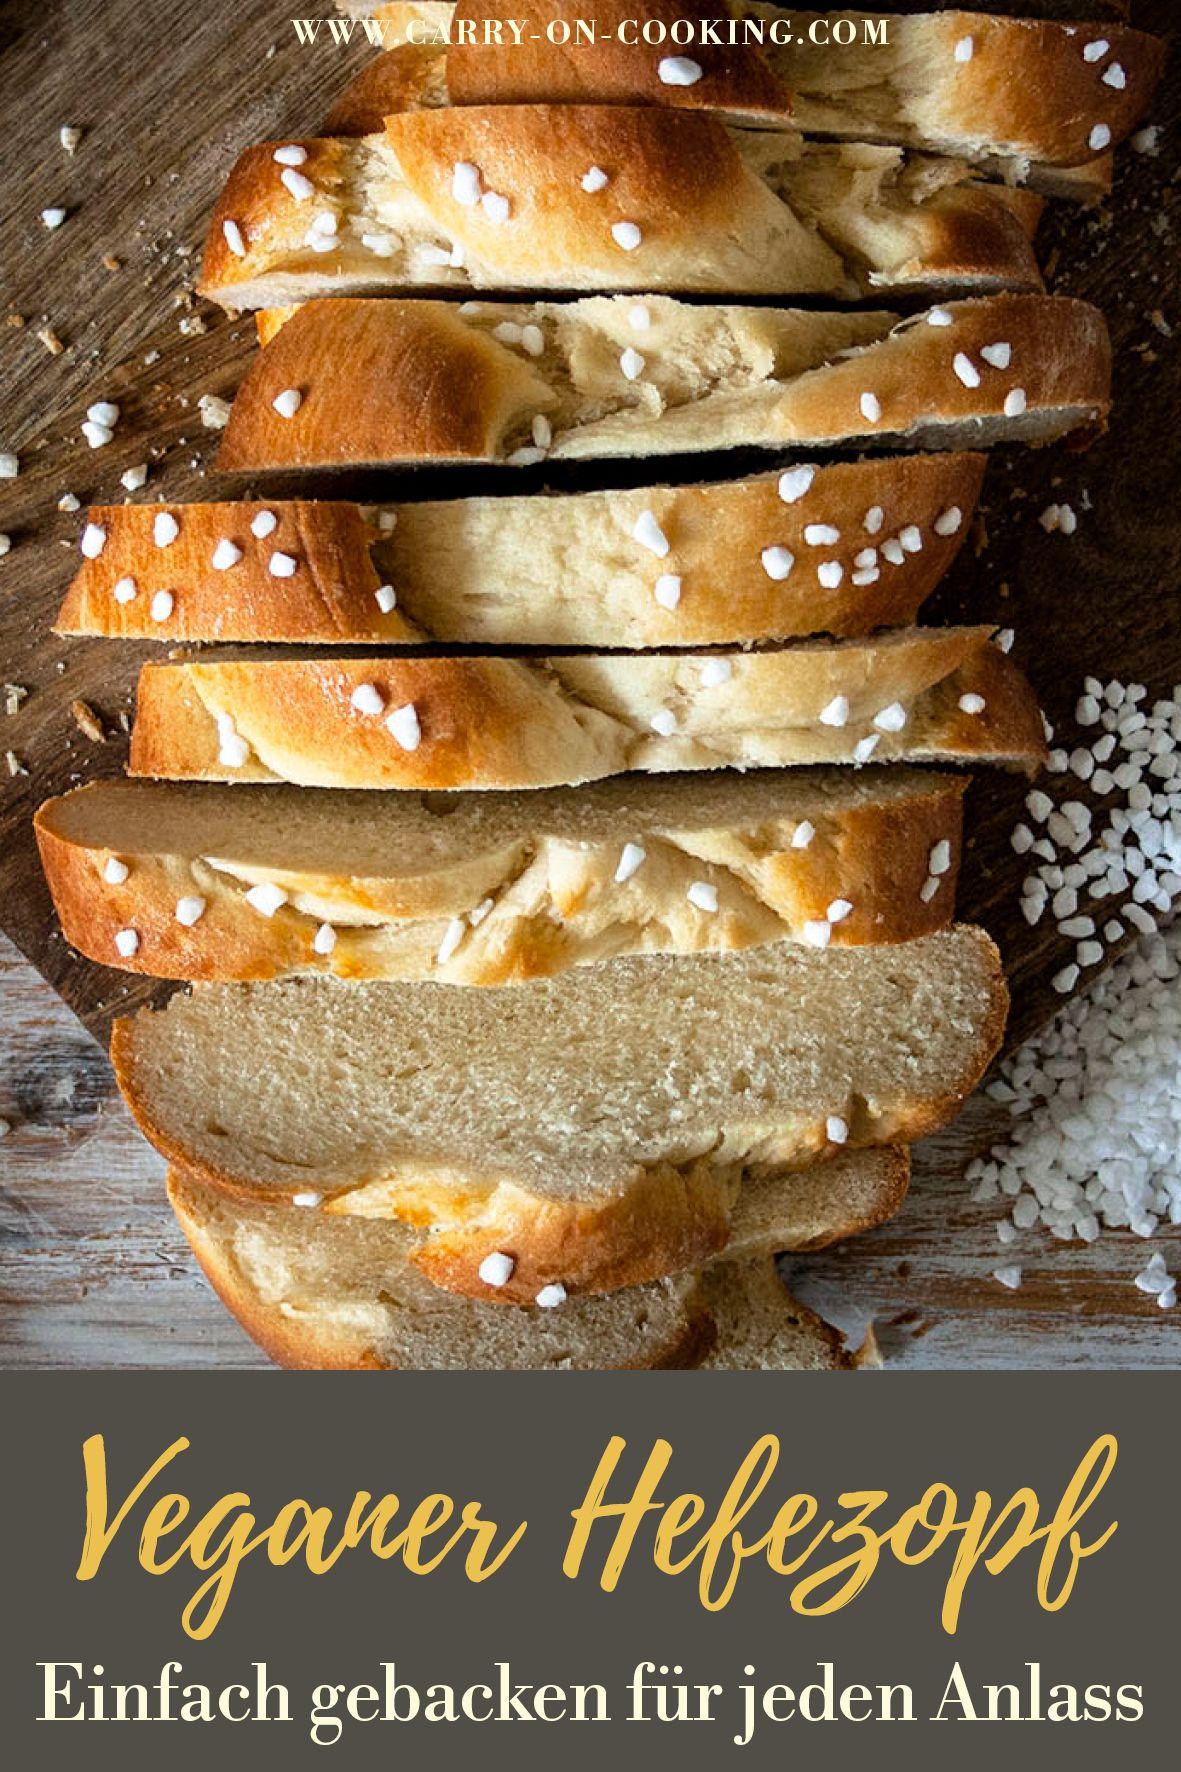 Veganer Hefezopf - einfach gebacken und super fluffig   carry on cooking Foodblog